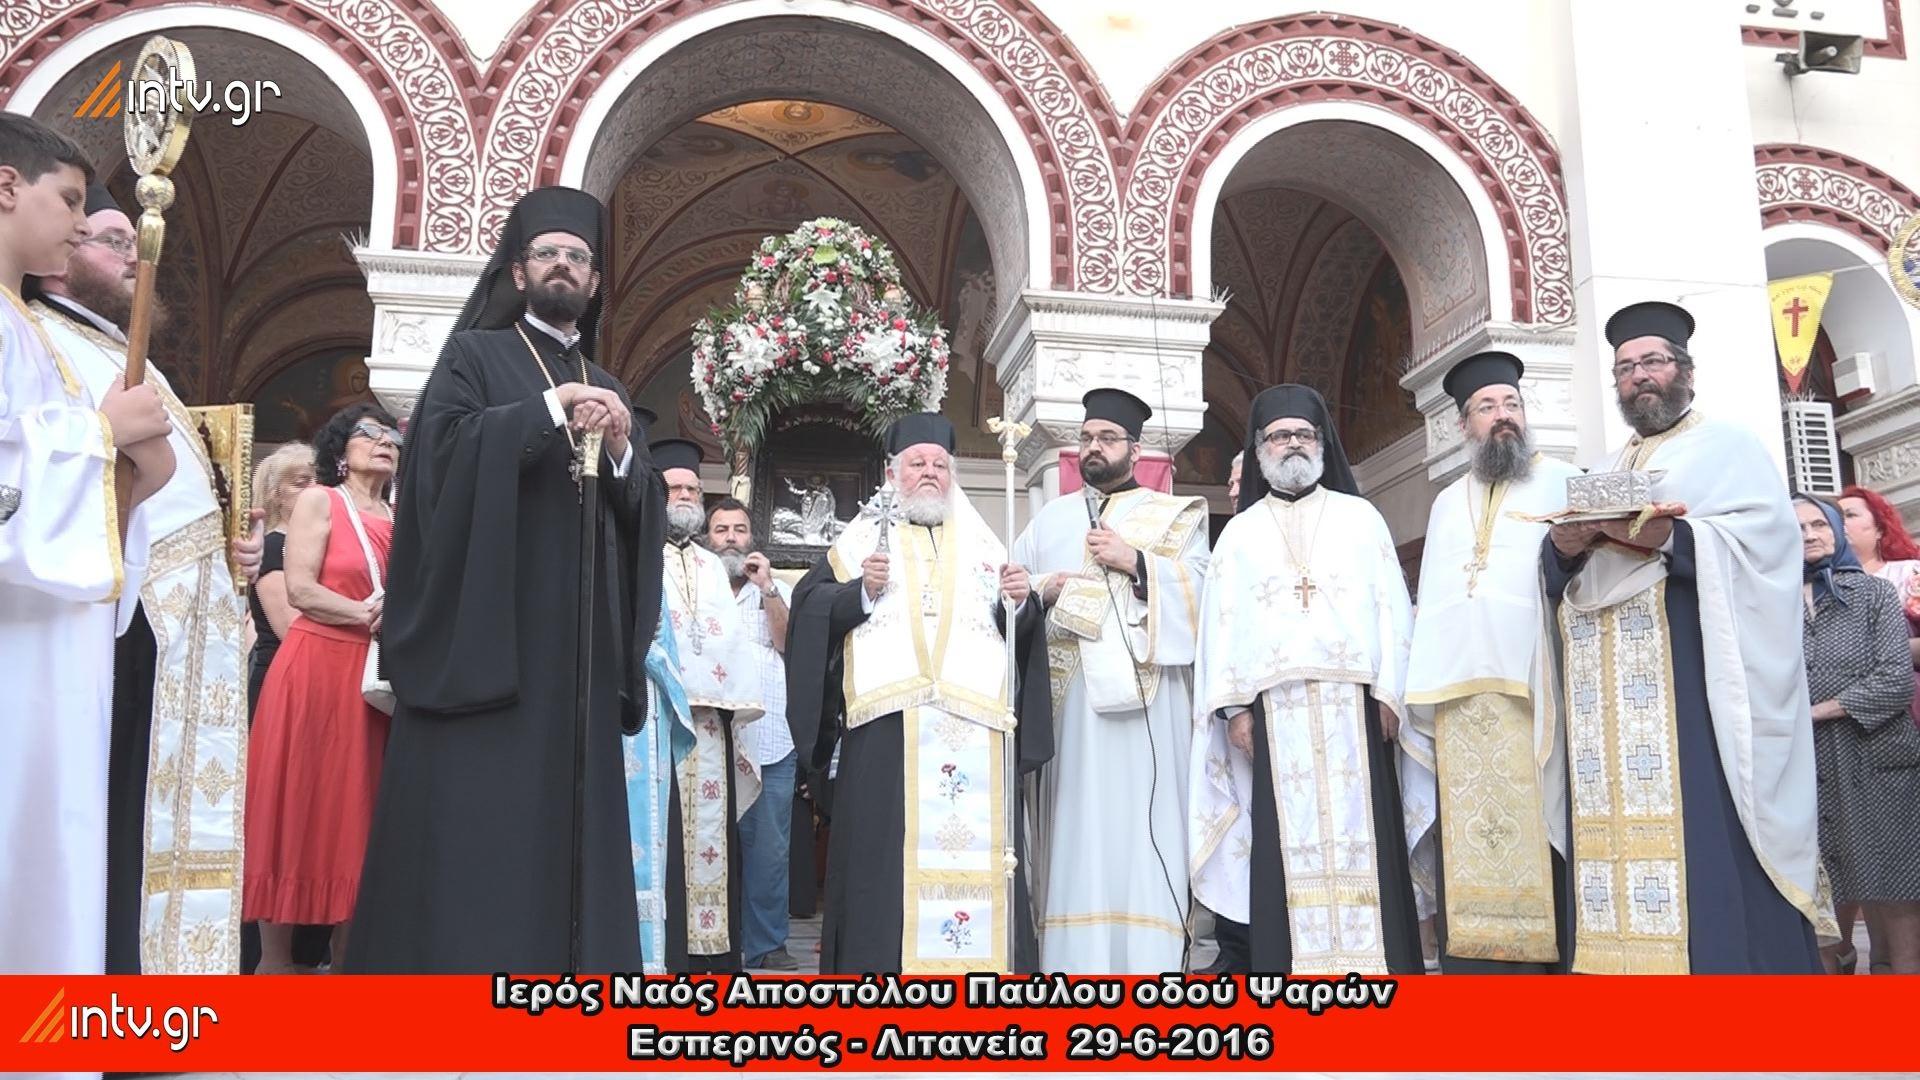 Ιερός Ναός Αποστόλου Παύλου οδού Ψαρών - Εσπερινός - Λιτανεία